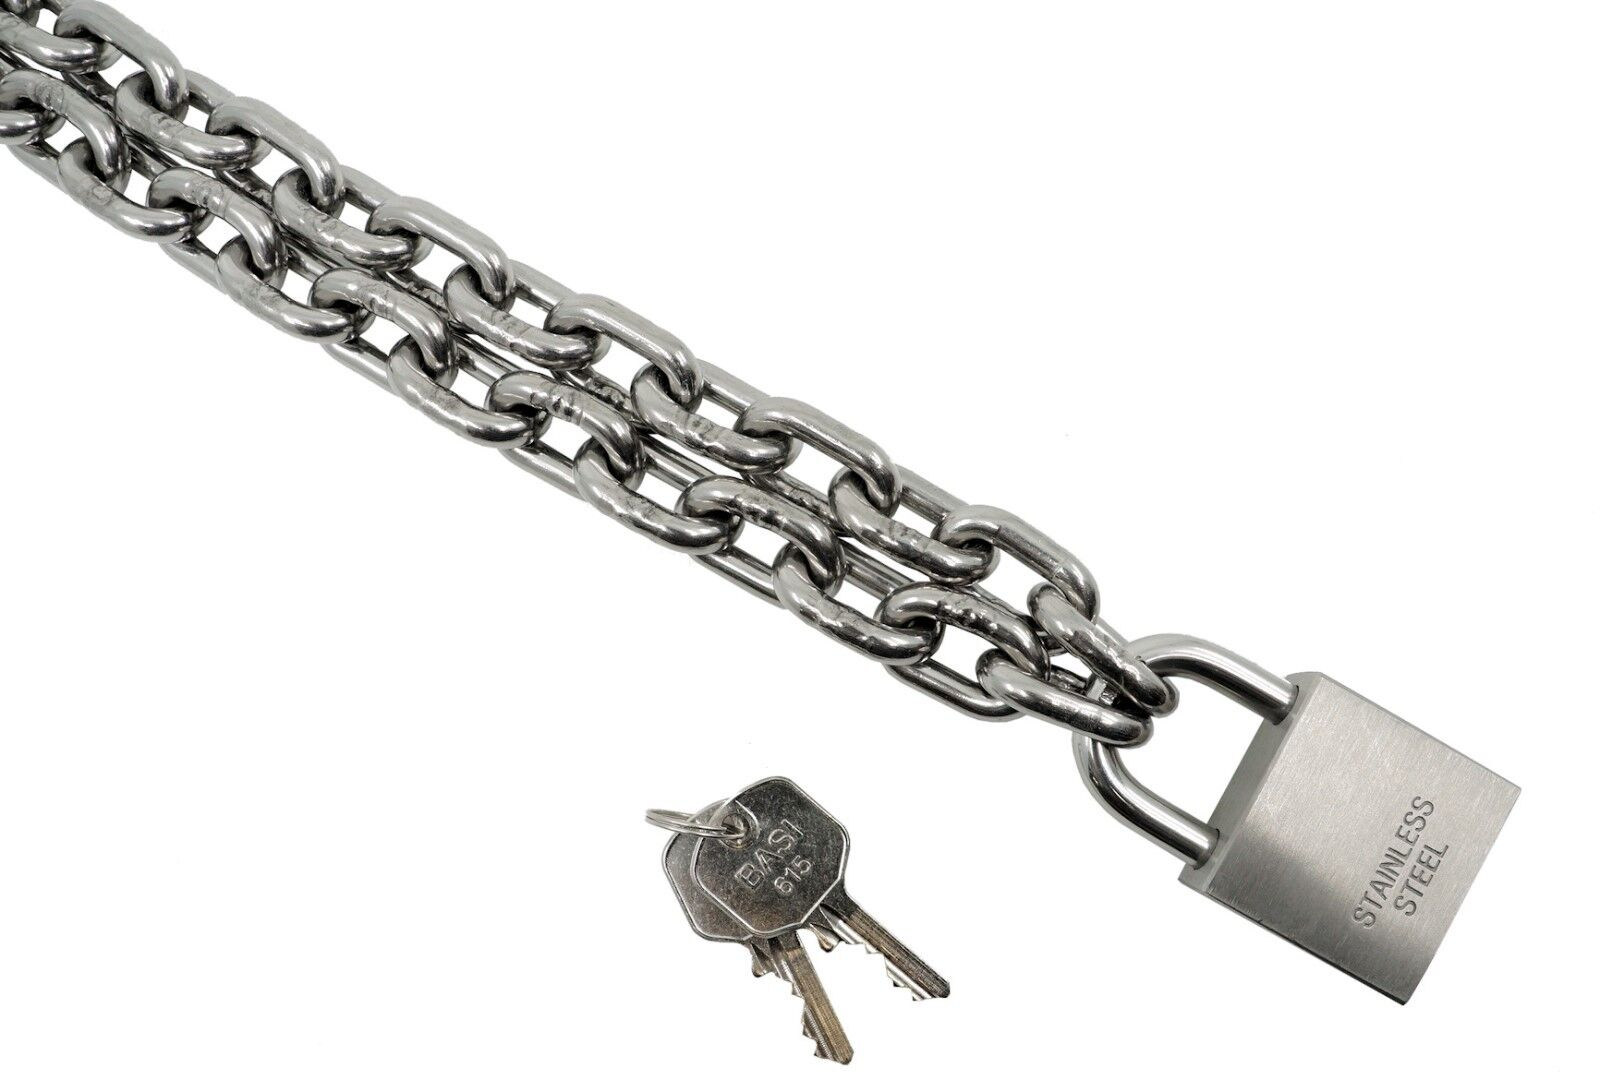 Kamero cadenas de acero inoxidable castillo, cadena de de de acero inoxidable con candado v4a inoxidable  ¡No dudes! ¡Compra ahora!